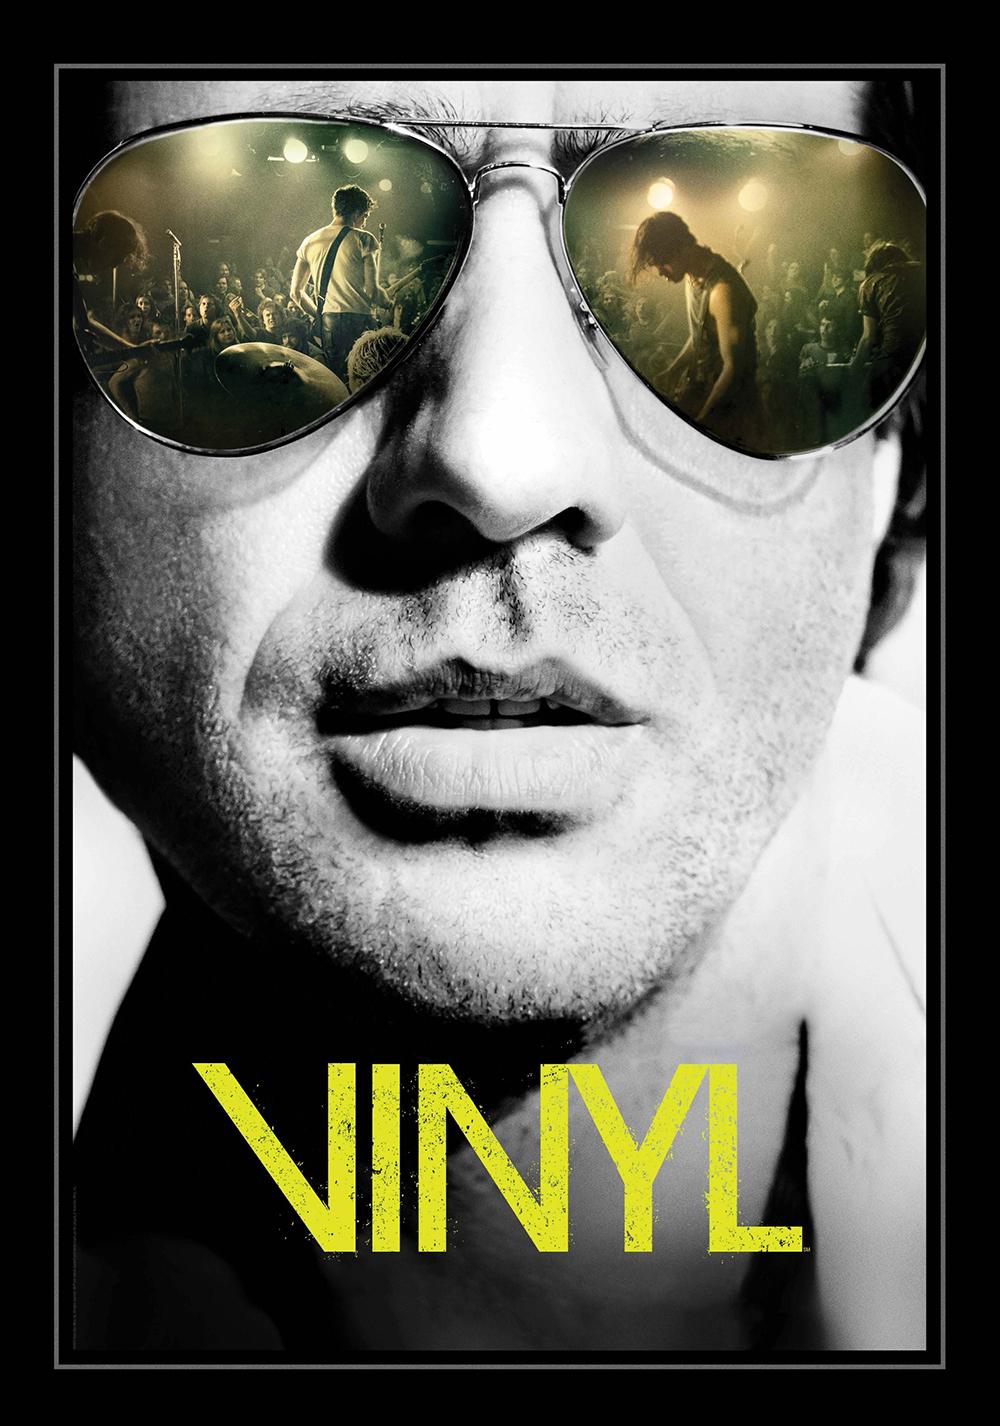 Vinyl S01E02 | HDTV 720p x265 | Inglés